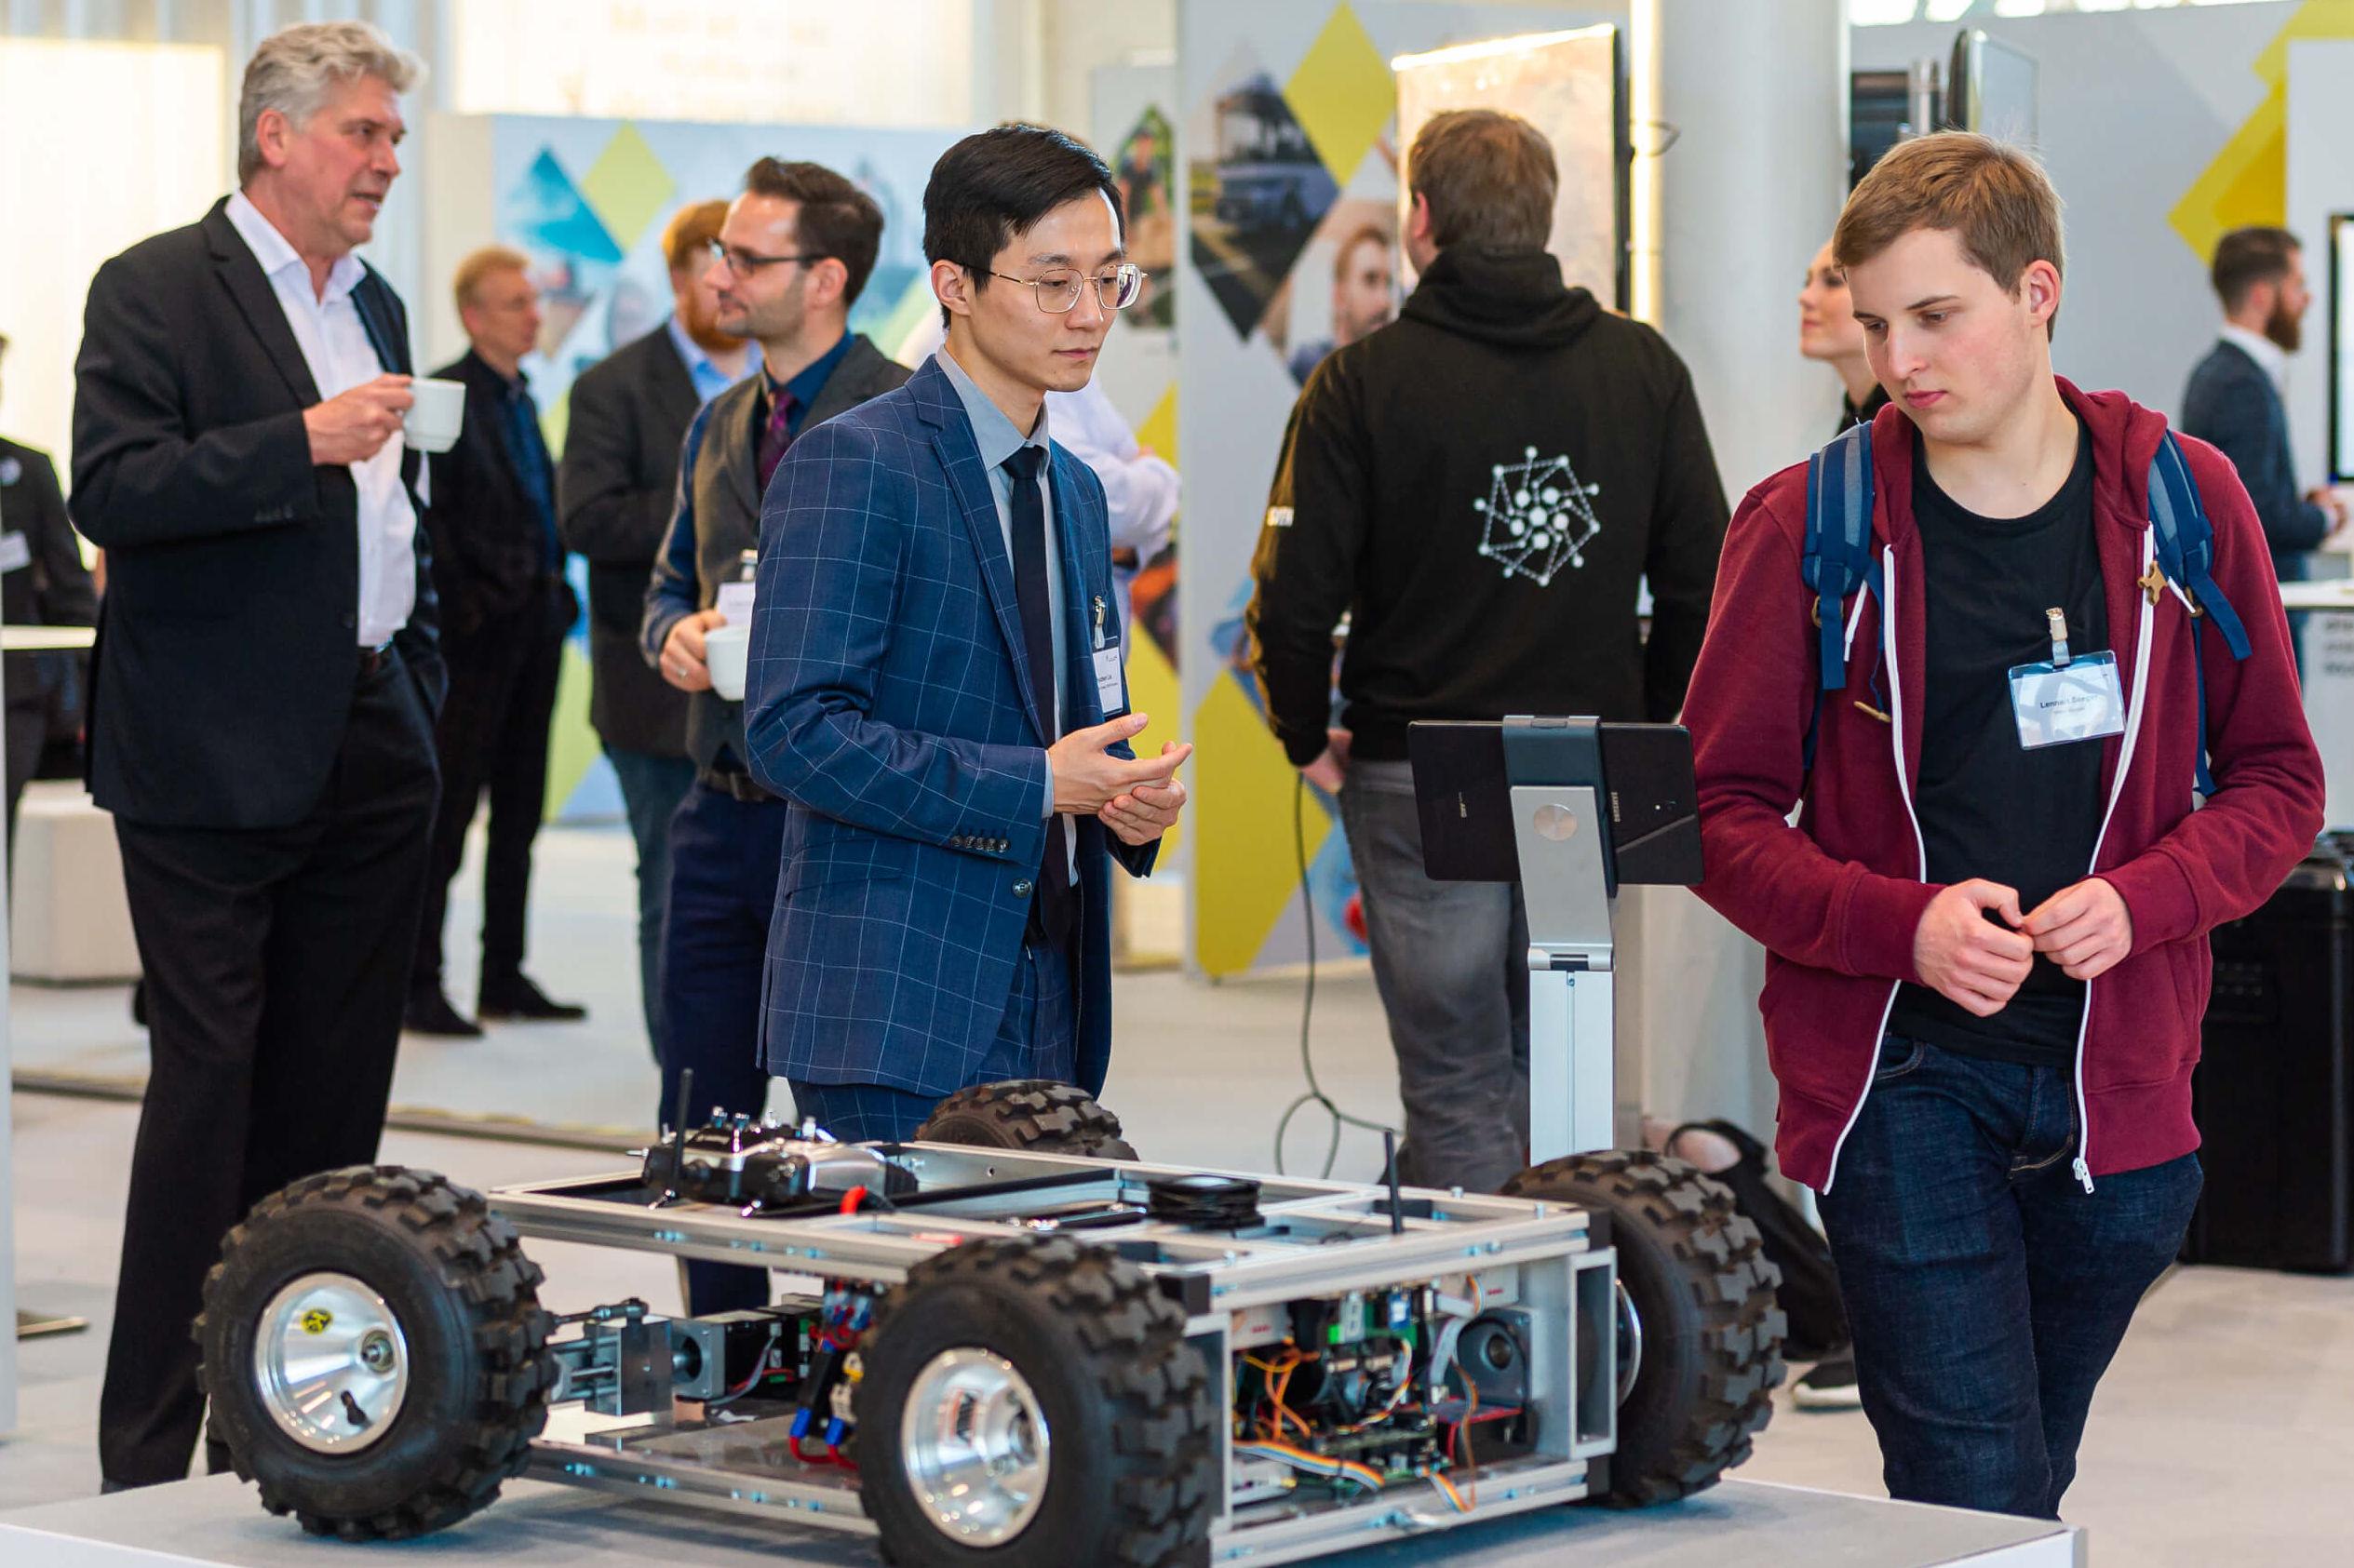 Junge Menschen schauen sich neue Technologien im Bereich Mobilität an.